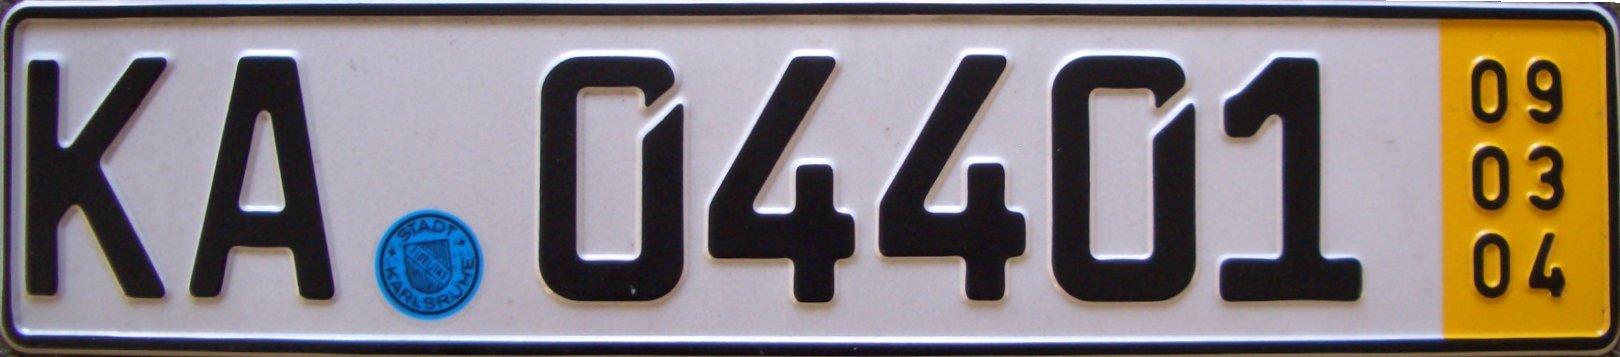 Deutsches Kurzzeit KFZ Kennzeichen German car number plates Facts